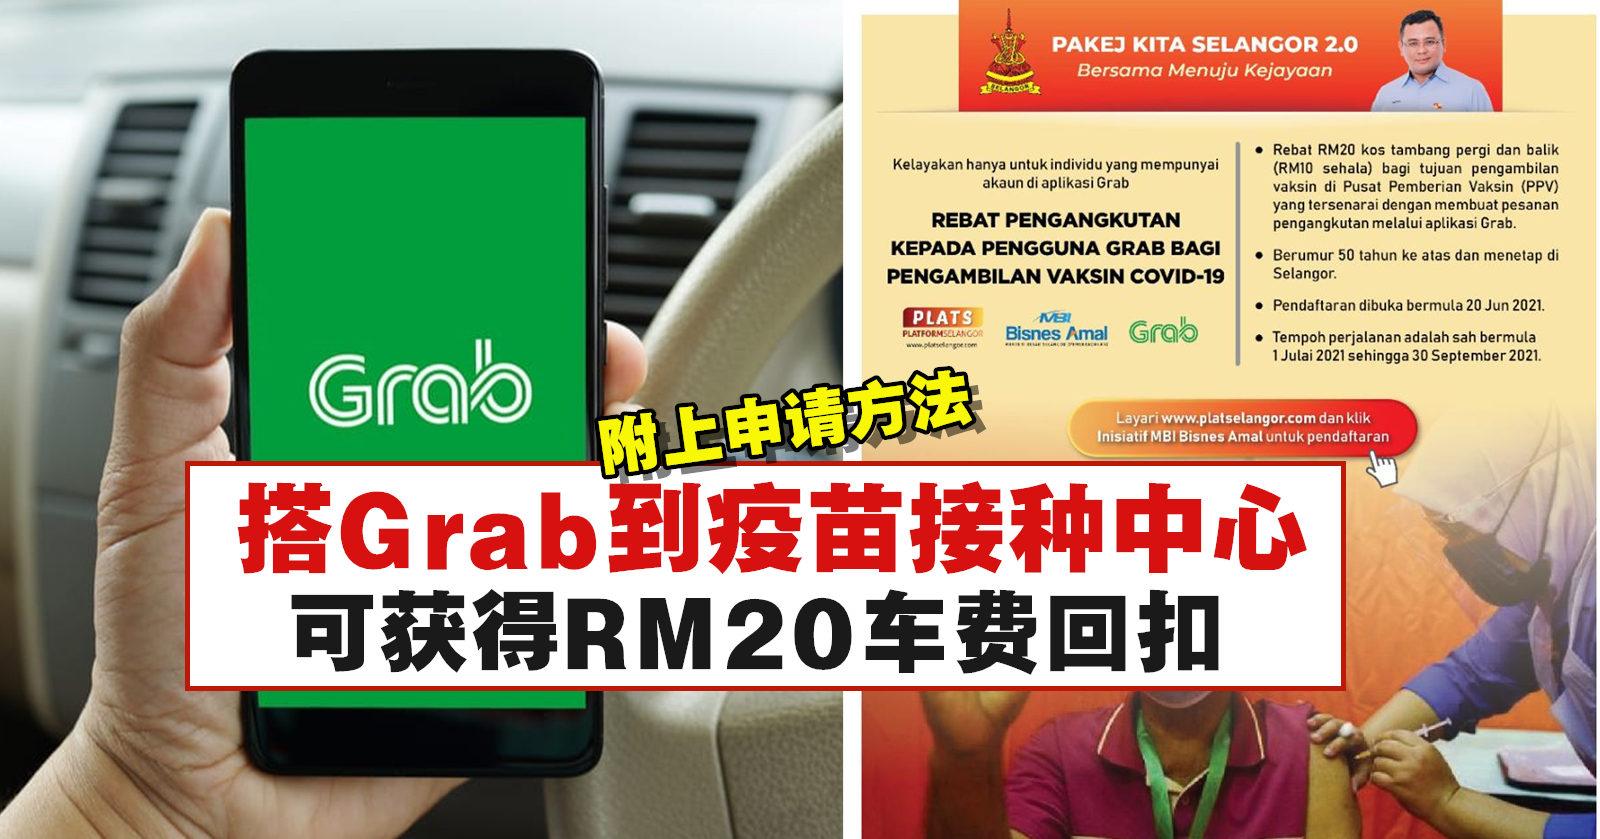 搭乘Grab前往疫苗接种中心的民众,可获得RM20车费回扣